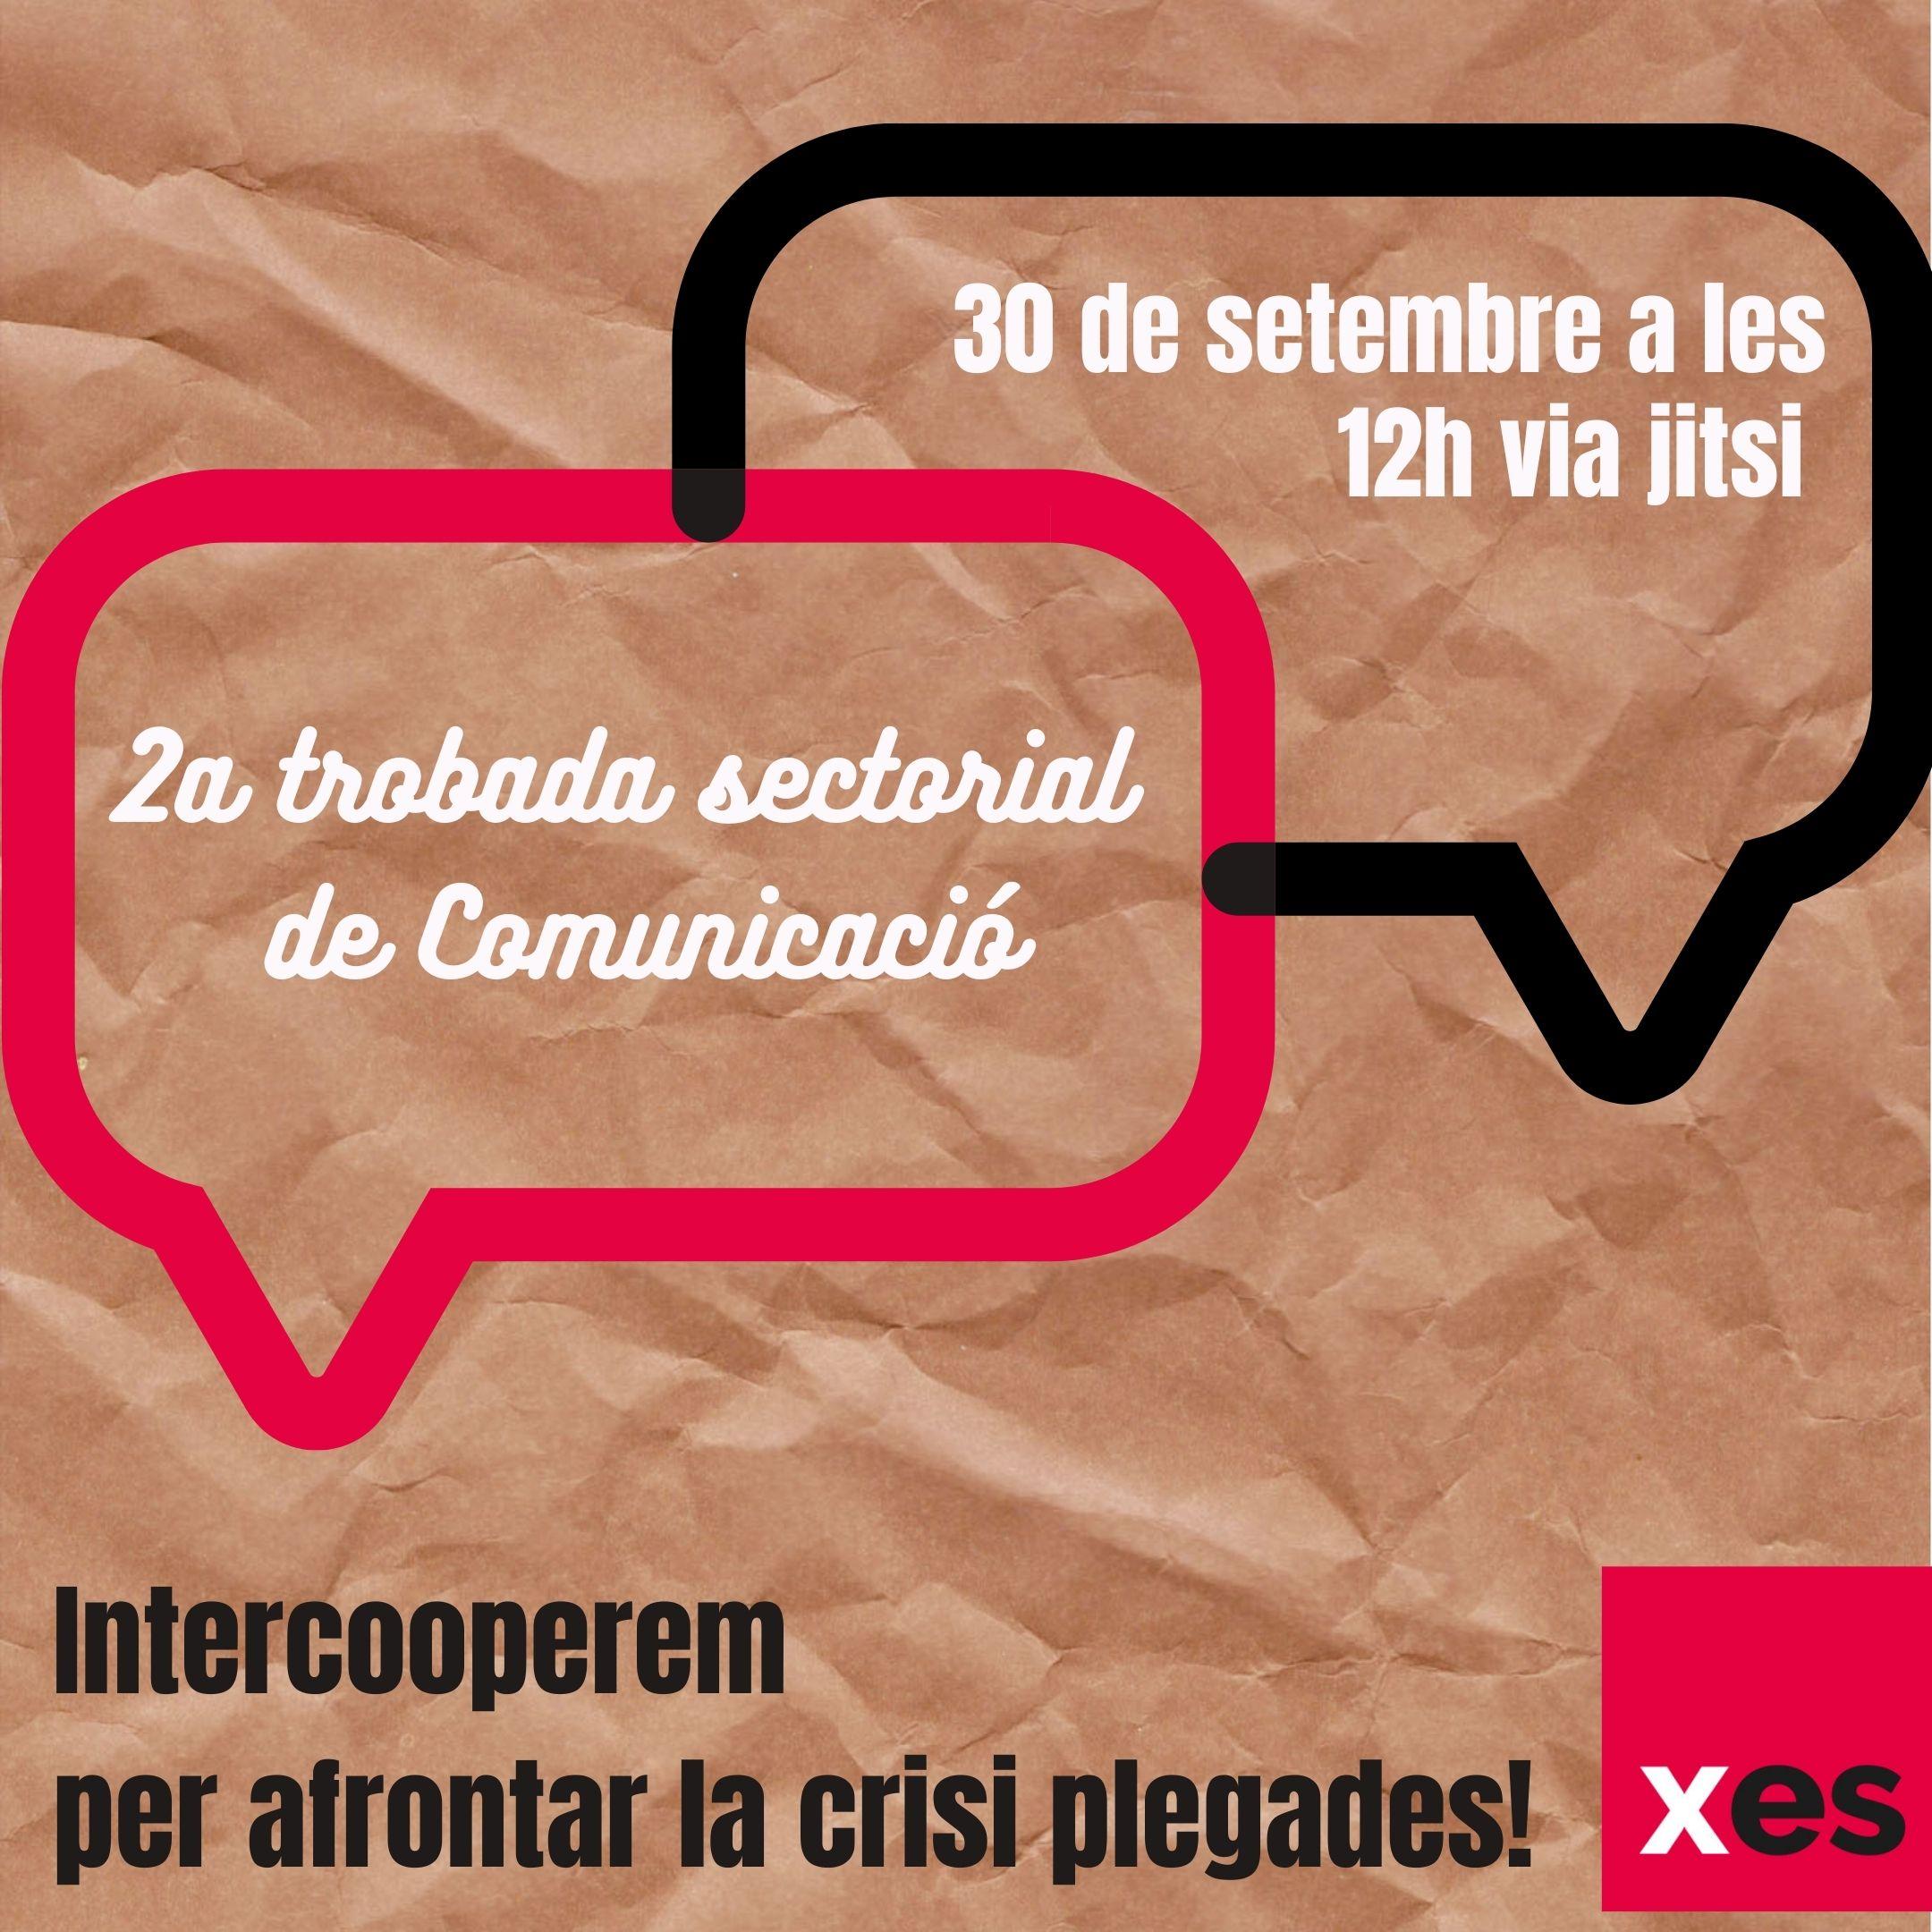 2a trobada d'intercooperació de Comunicació